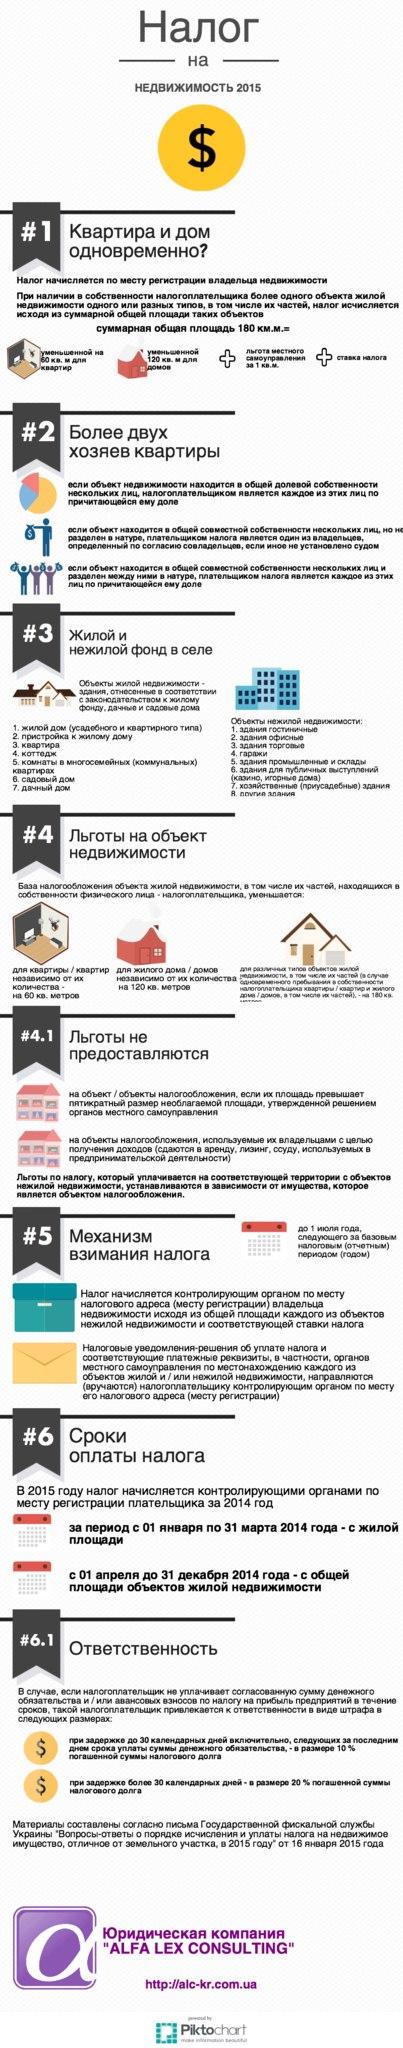 Инфографика. Налог на недвижимость в 2015 году